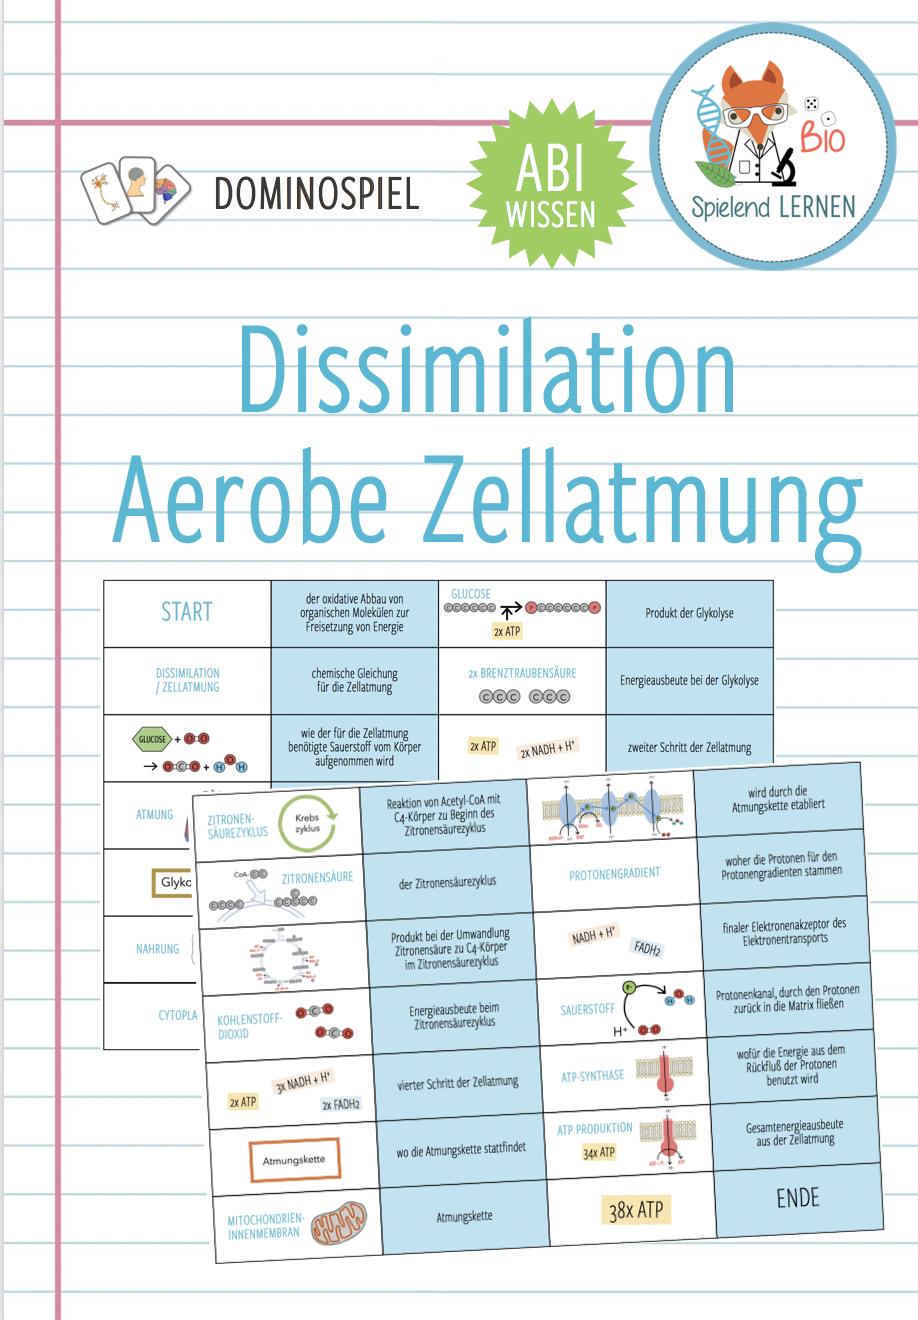 Dissimilation aerobe Zellatmung – Domino Spiel Abitur ...